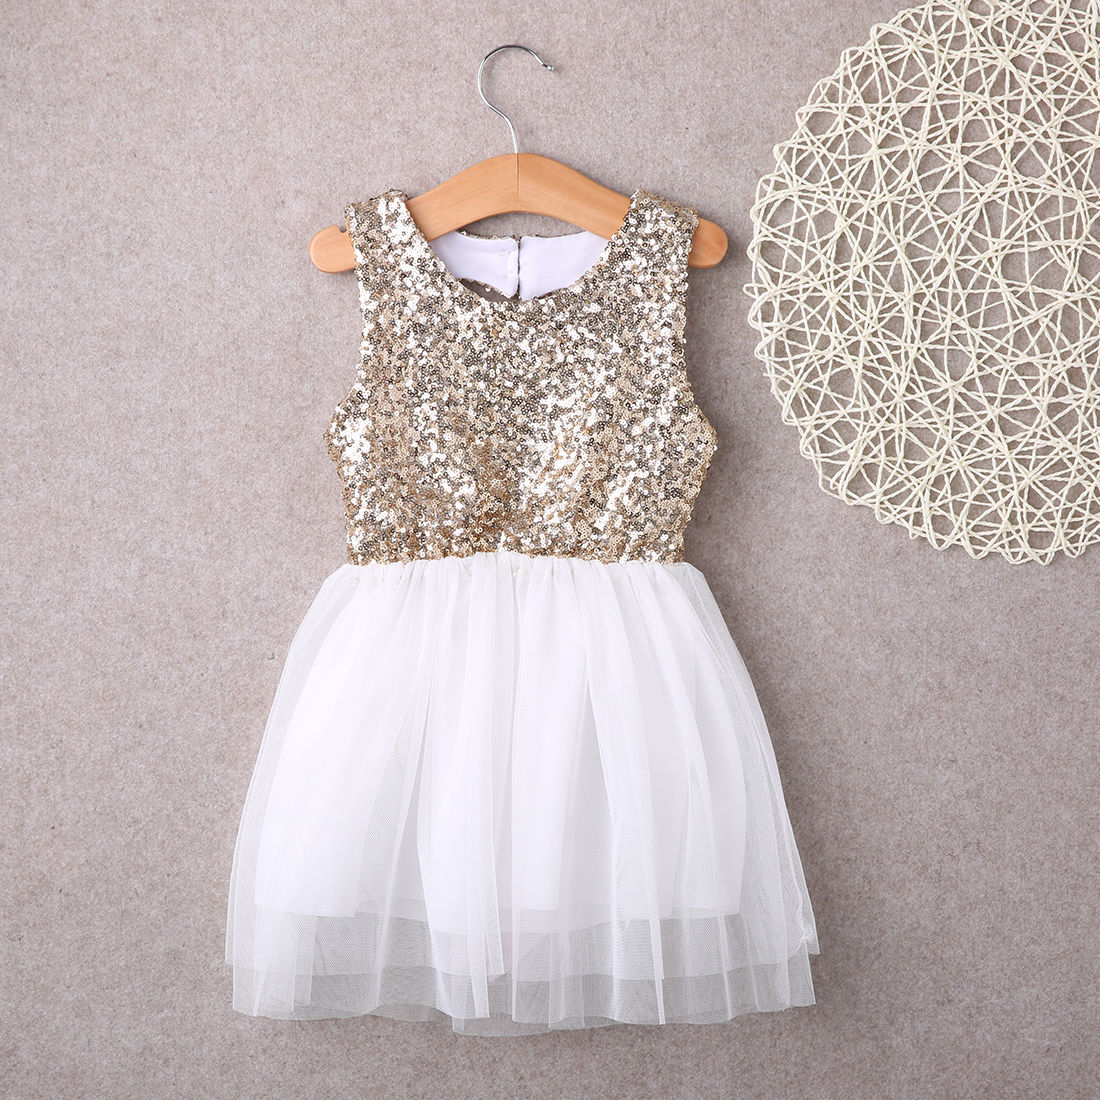 3 10Y niños bebé niña vestido ropa lentejuelas vestido de fiesta Mini bola  Formal amor espalda descubierta princesa arco vestido sin espalda vestido  de niña ... df296e50156